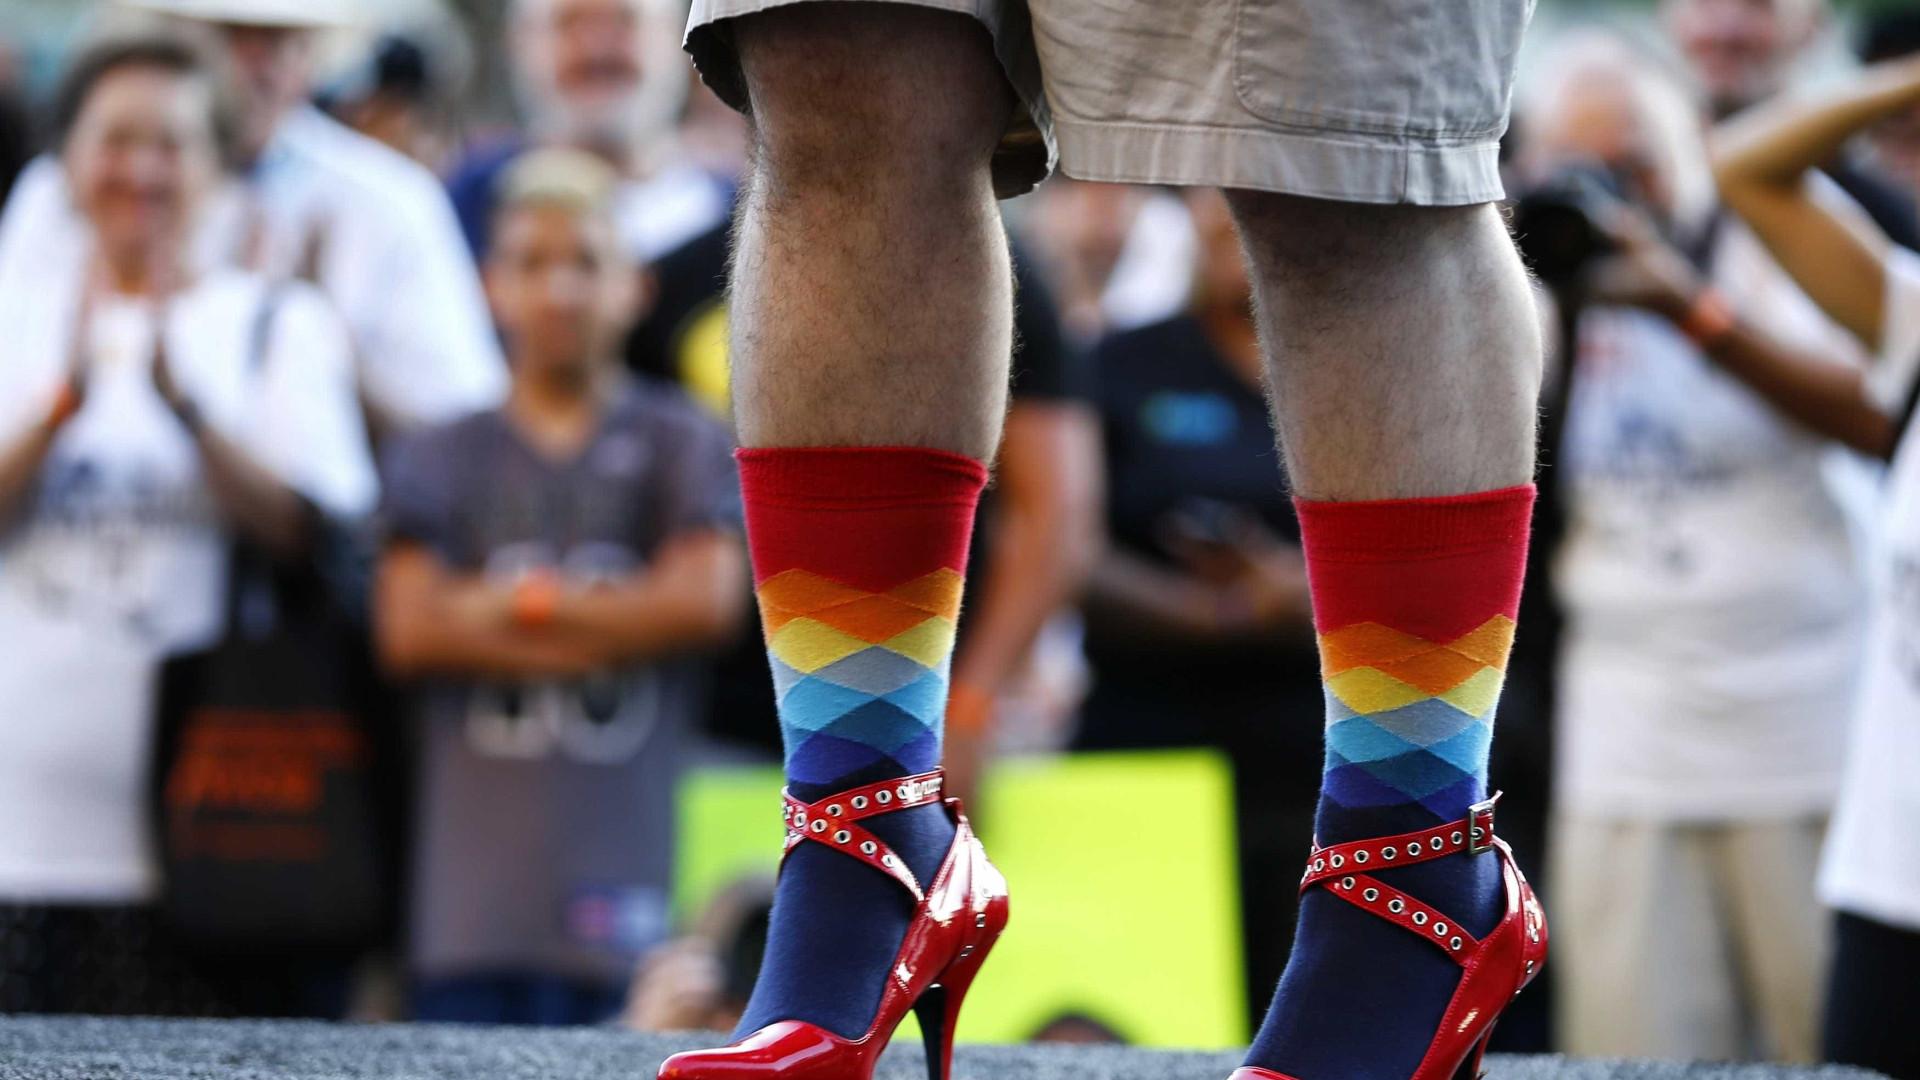 Pessoas calçam sapatos de outras em exposição sobre 'empatia'